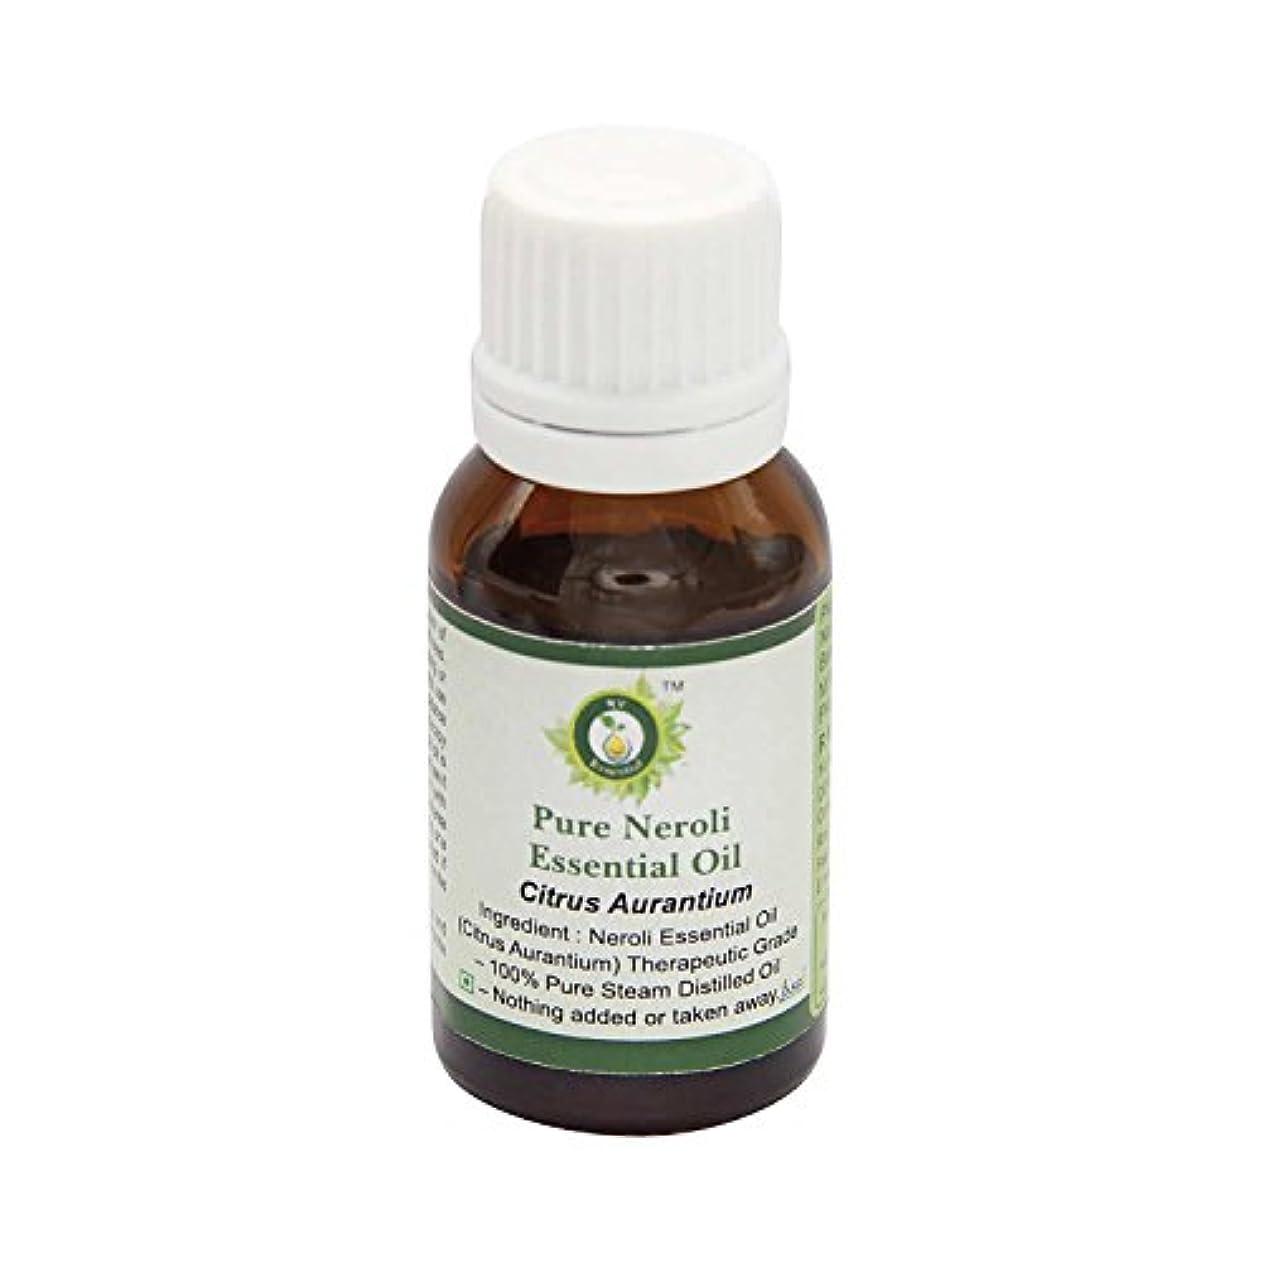 超えて期限切れ栄光R V Essential ピュアネロリエッセンシャルオイル15ml (0.507oz)- Citrus Aurantium (100%純粋&天然スチームDistilled) Pure Neroli Essential...